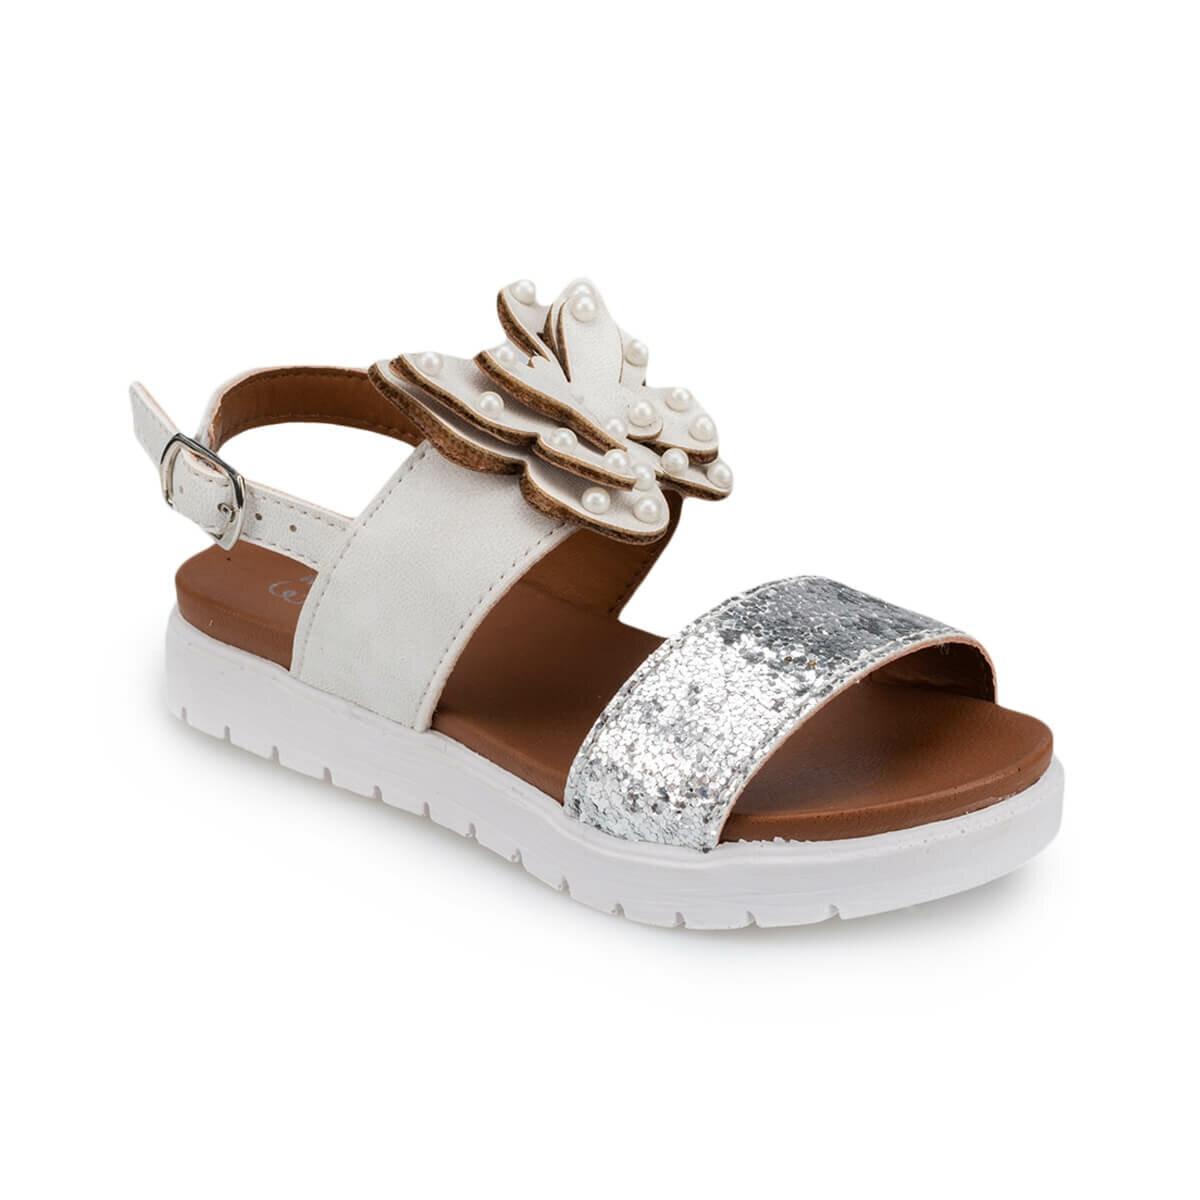 FLO 91.511185.P White Female Child Sandals Polaris